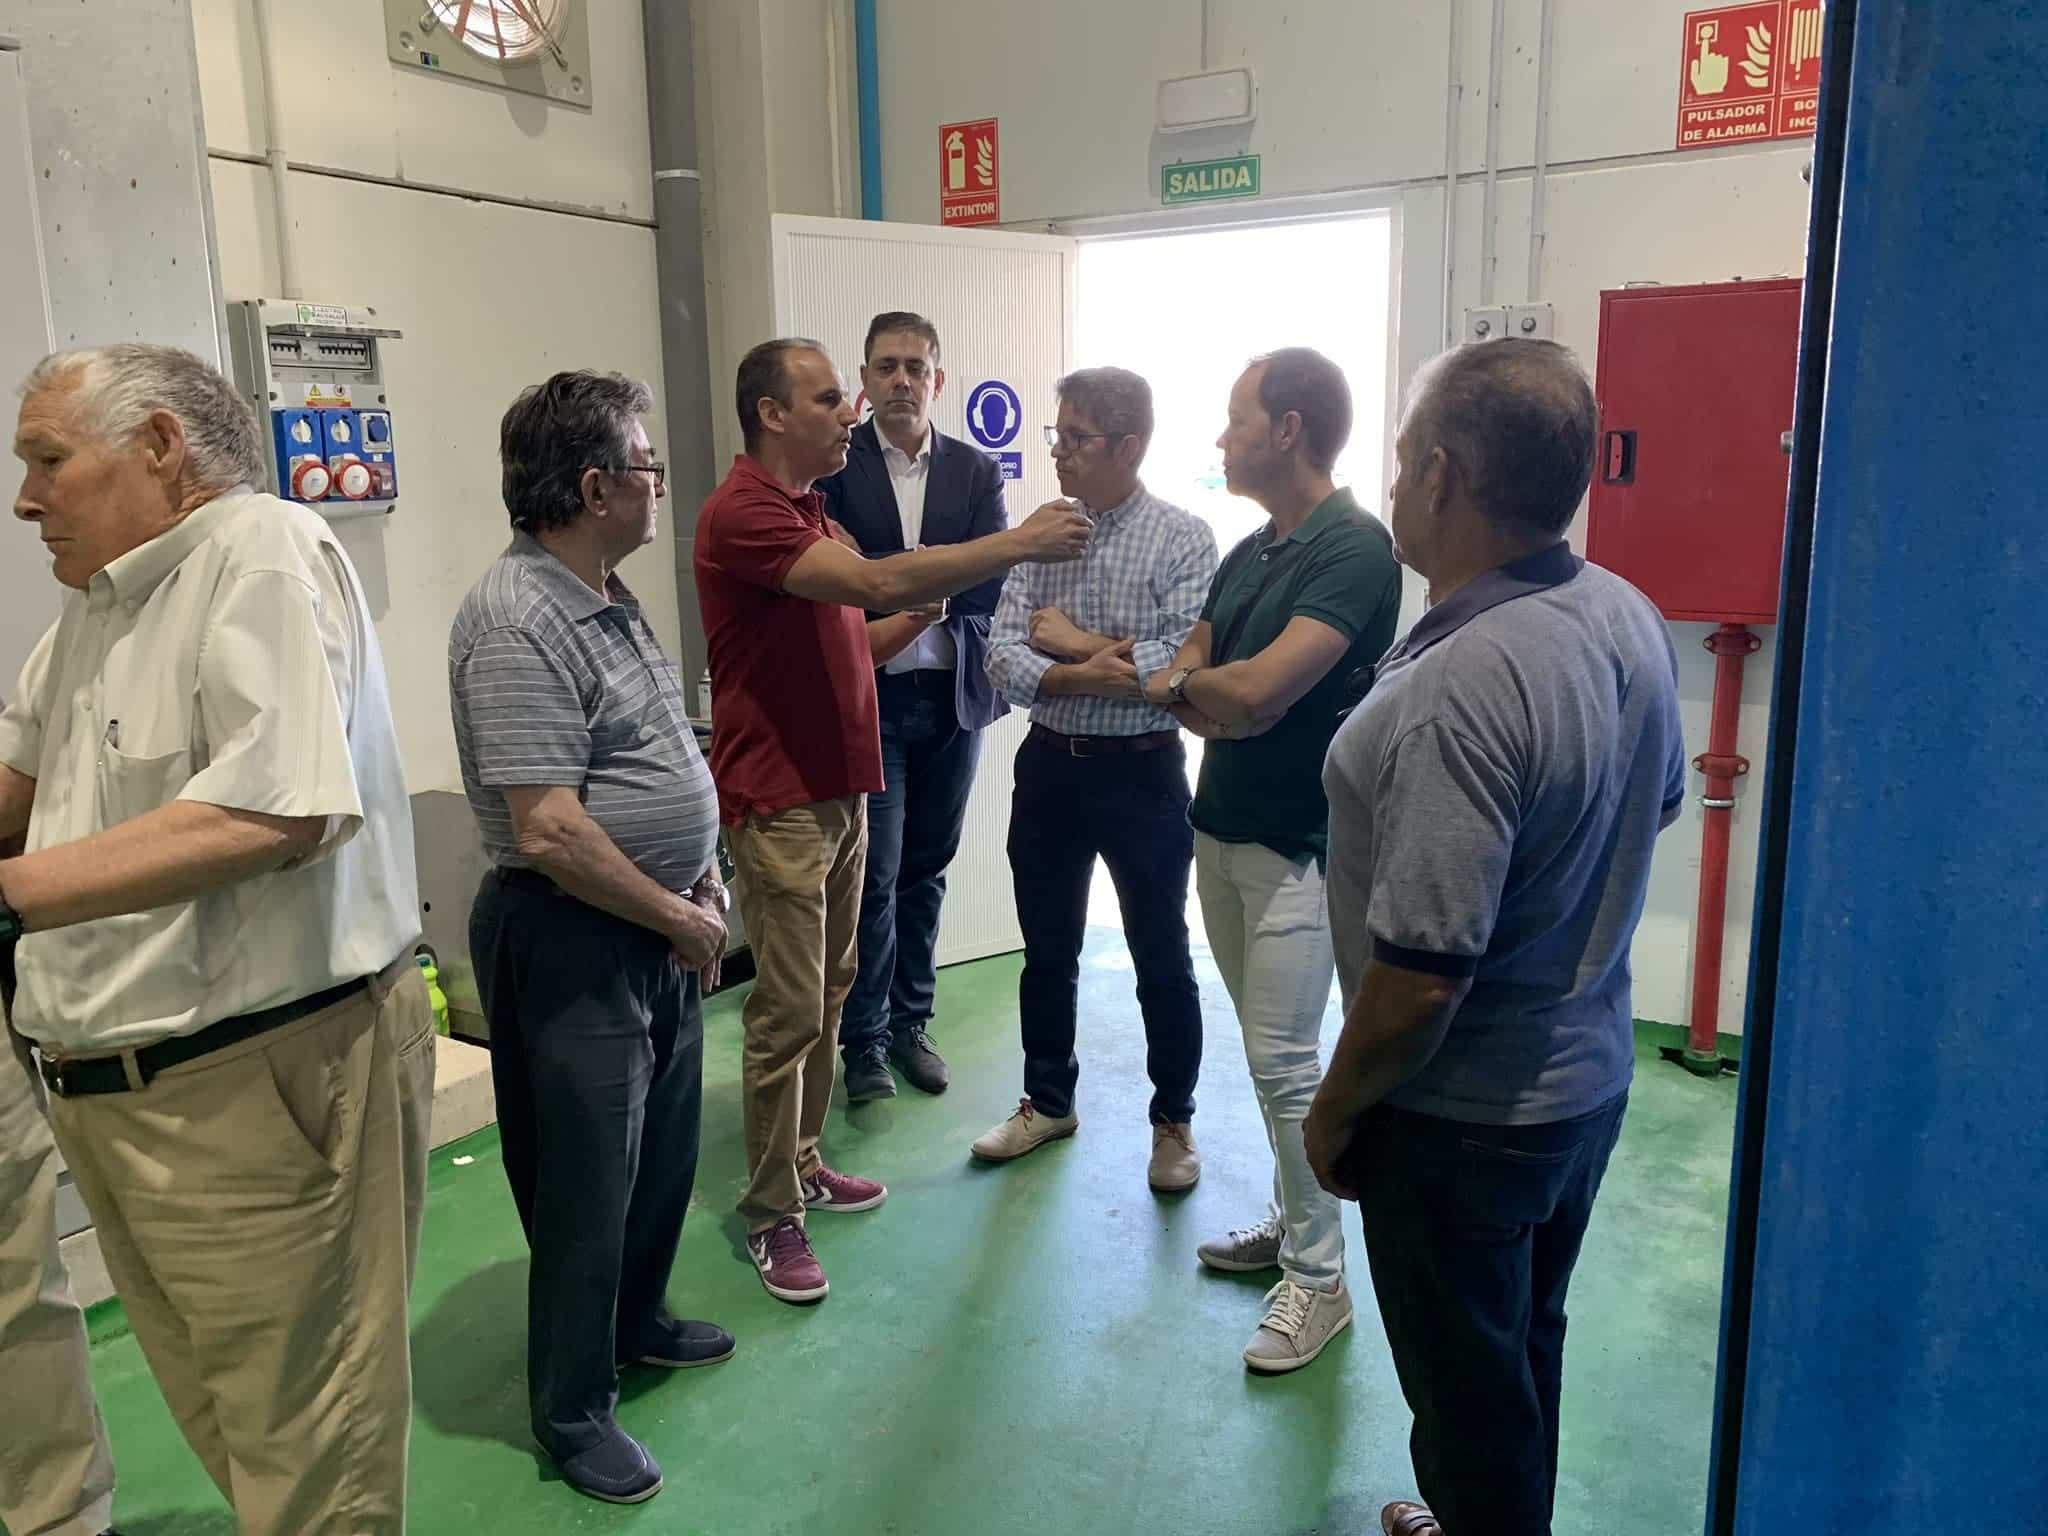 visita almazarera la encarnacion herencia - Nuevas instalaciones de la Cooperativa Almazarera La Encarnación en Herencia